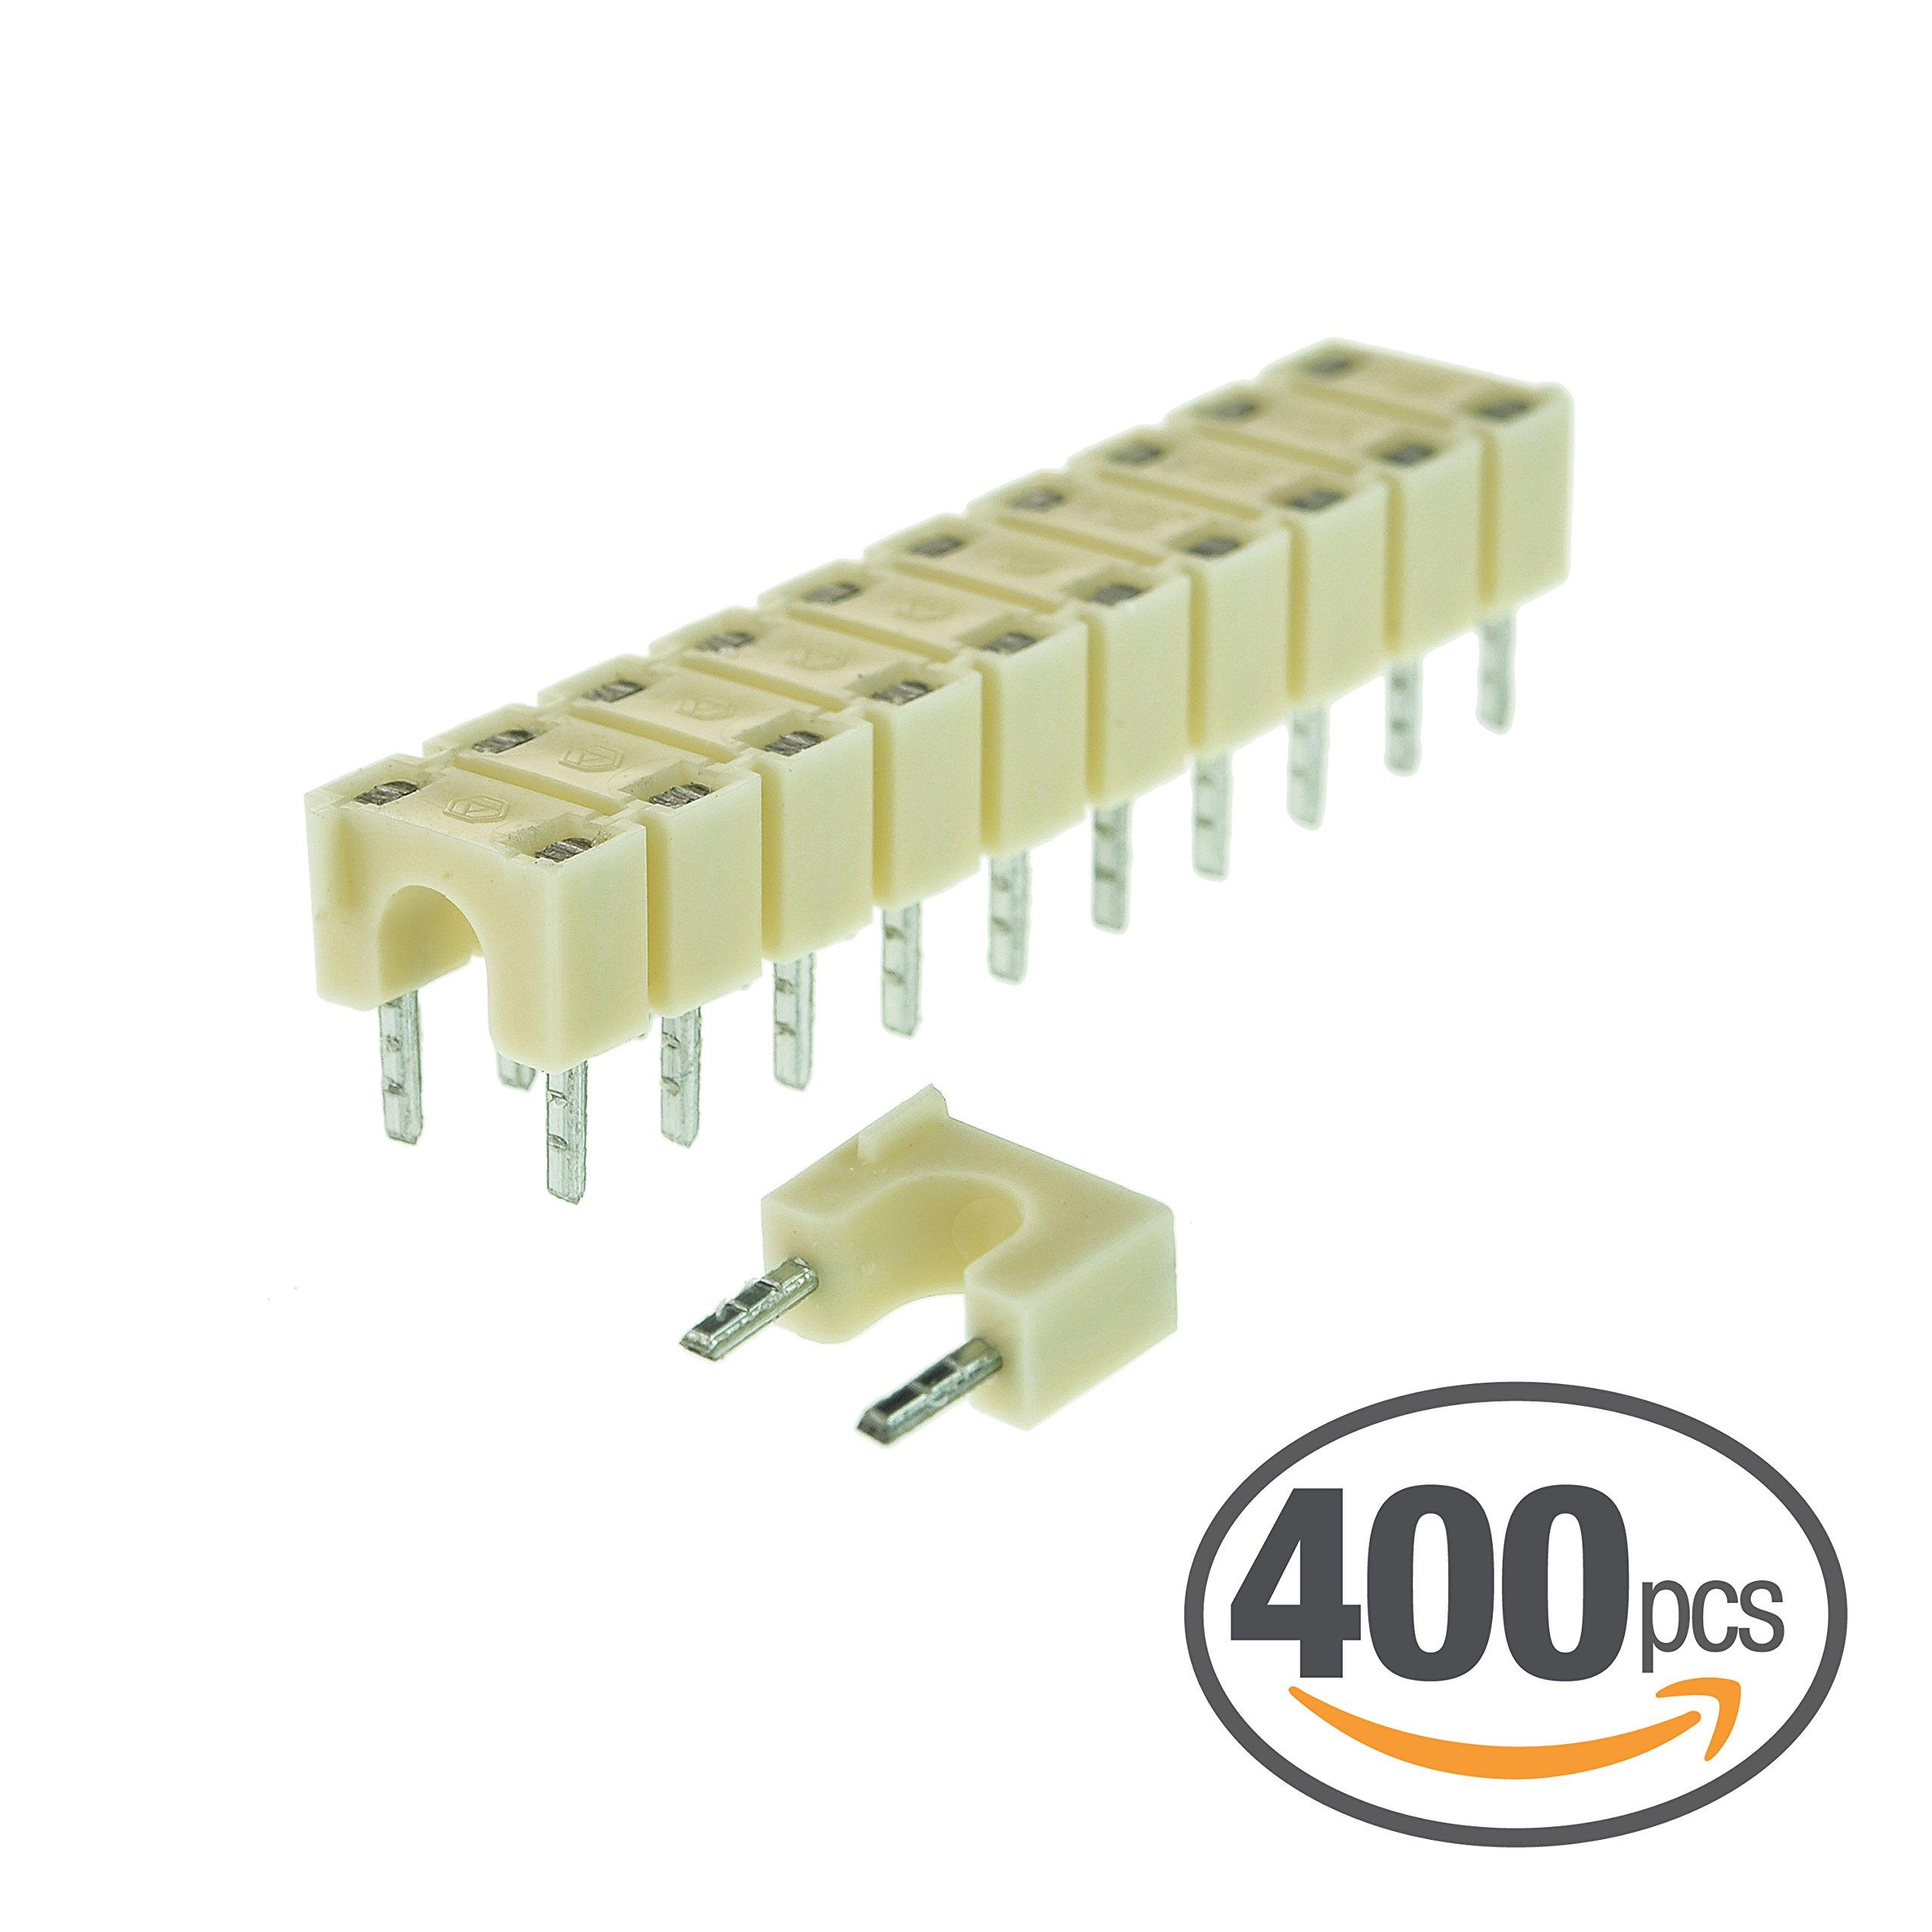 Mediabridge 5mm Cable Clips (400pcs, White) 40×10pc cartridges - For Mediabridge Cat5e Cable (Fits 0.15''-0.2'' Outer Diameter) (Part# RBC5W )